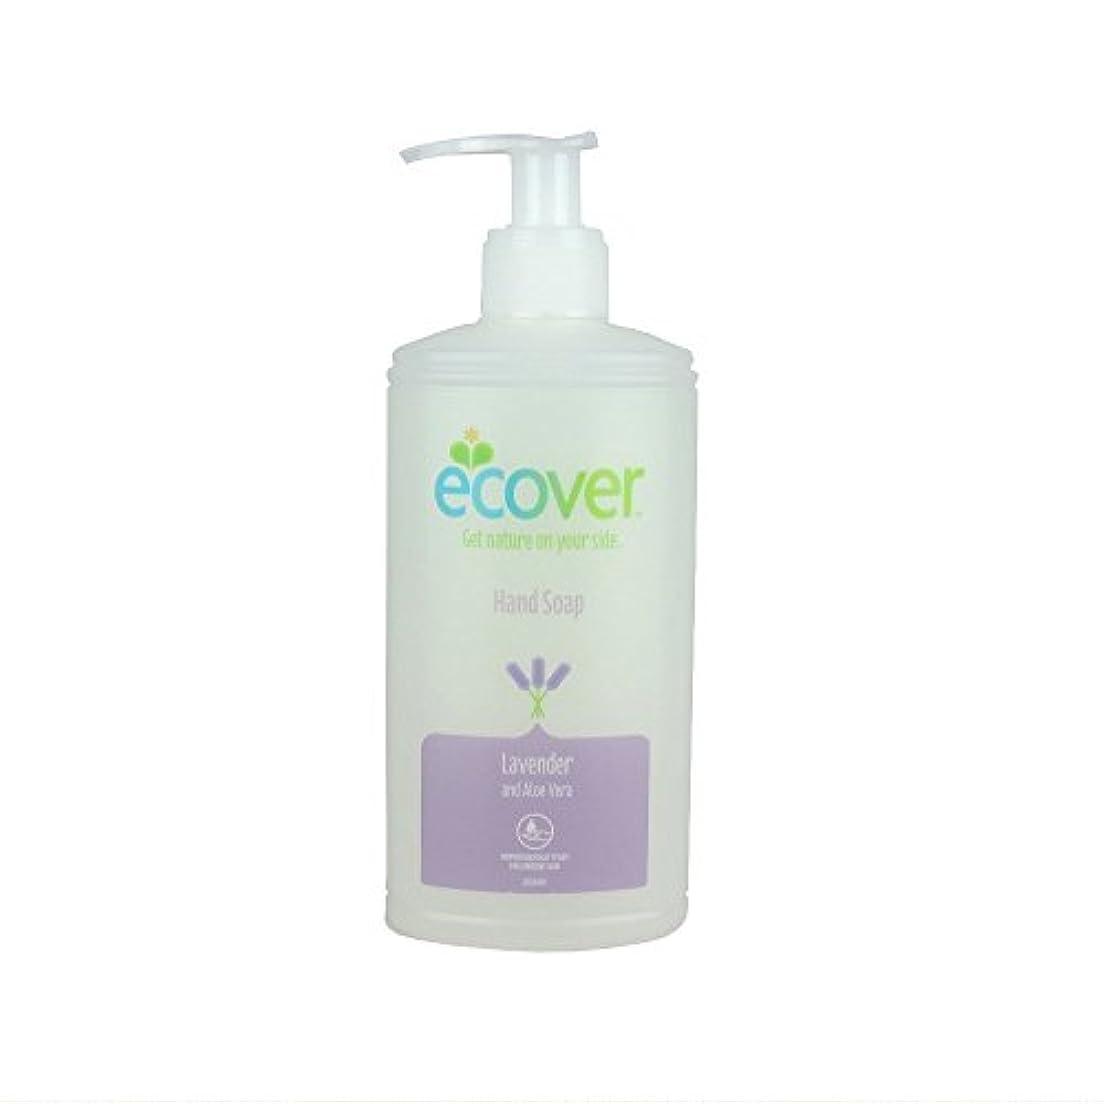 場合サイレン勇敢なEcover Liquid Hand Soap Lavender & Aloe Vera (250ml) 液体ハンドソープラベンダーとアロエベラ( 250ミリリットル)をエコベール